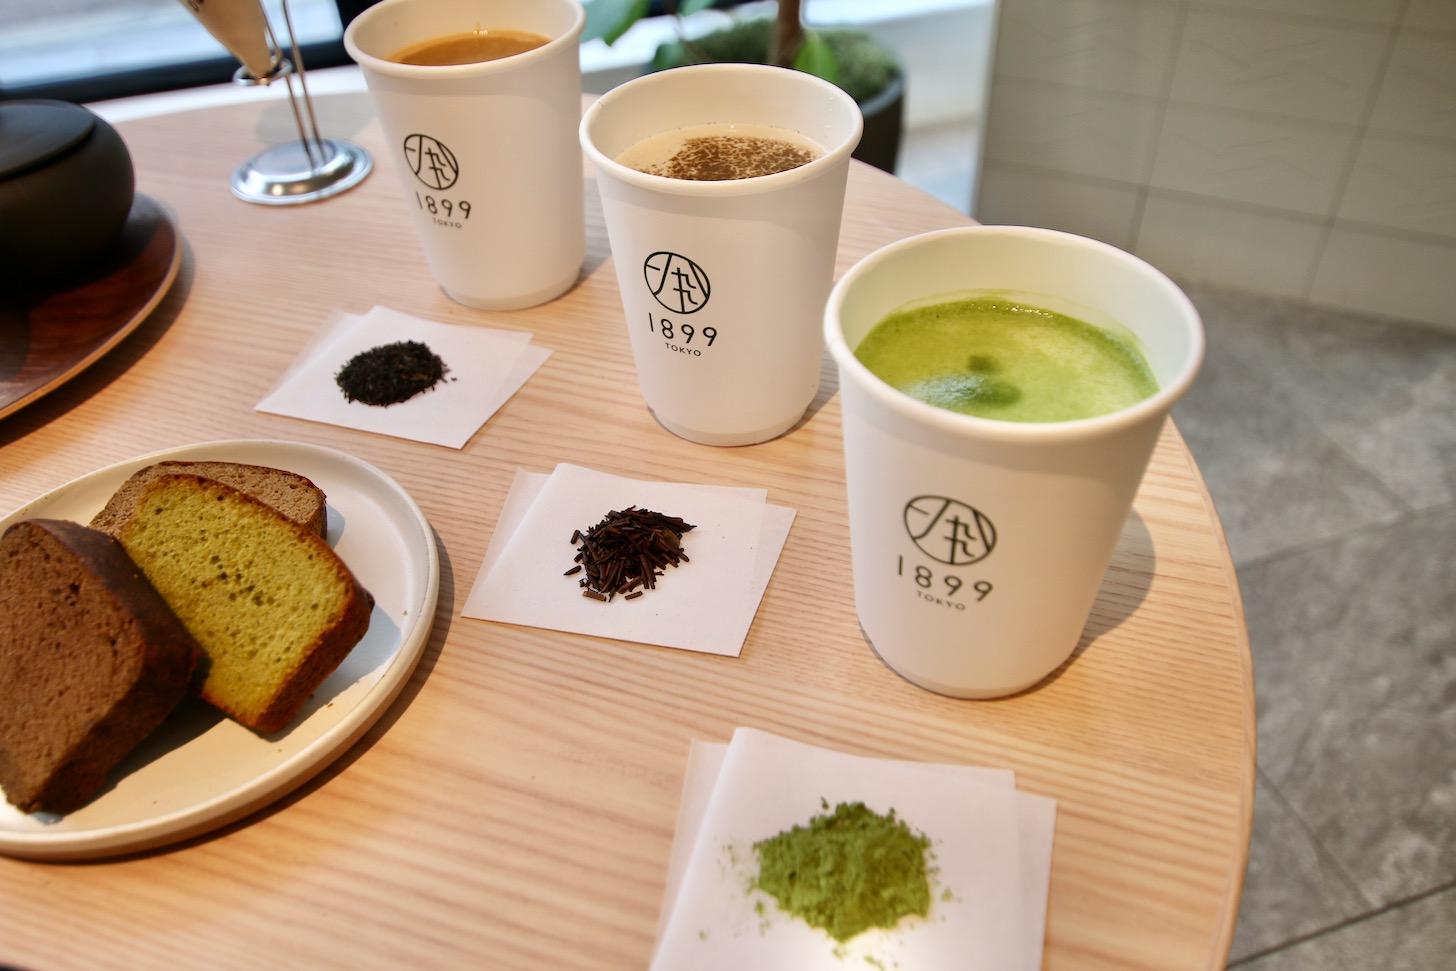 「ほうじ茶ラテ」や「和紅茶ラテ」